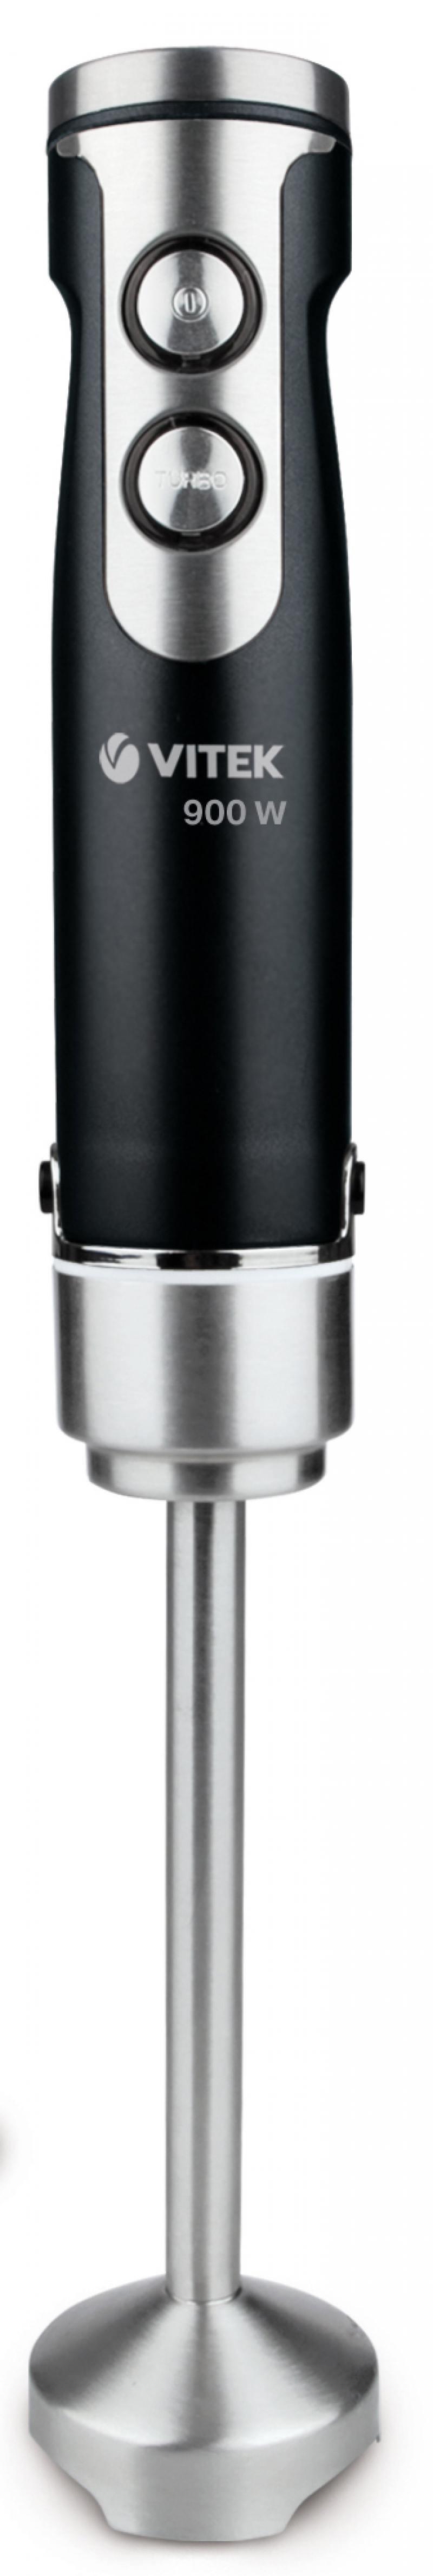 Блендер погружной Vitek VT-3423 BK 900Вт чёрный выпрямитель волос vitek vt 8402 bk 35вт чёрный